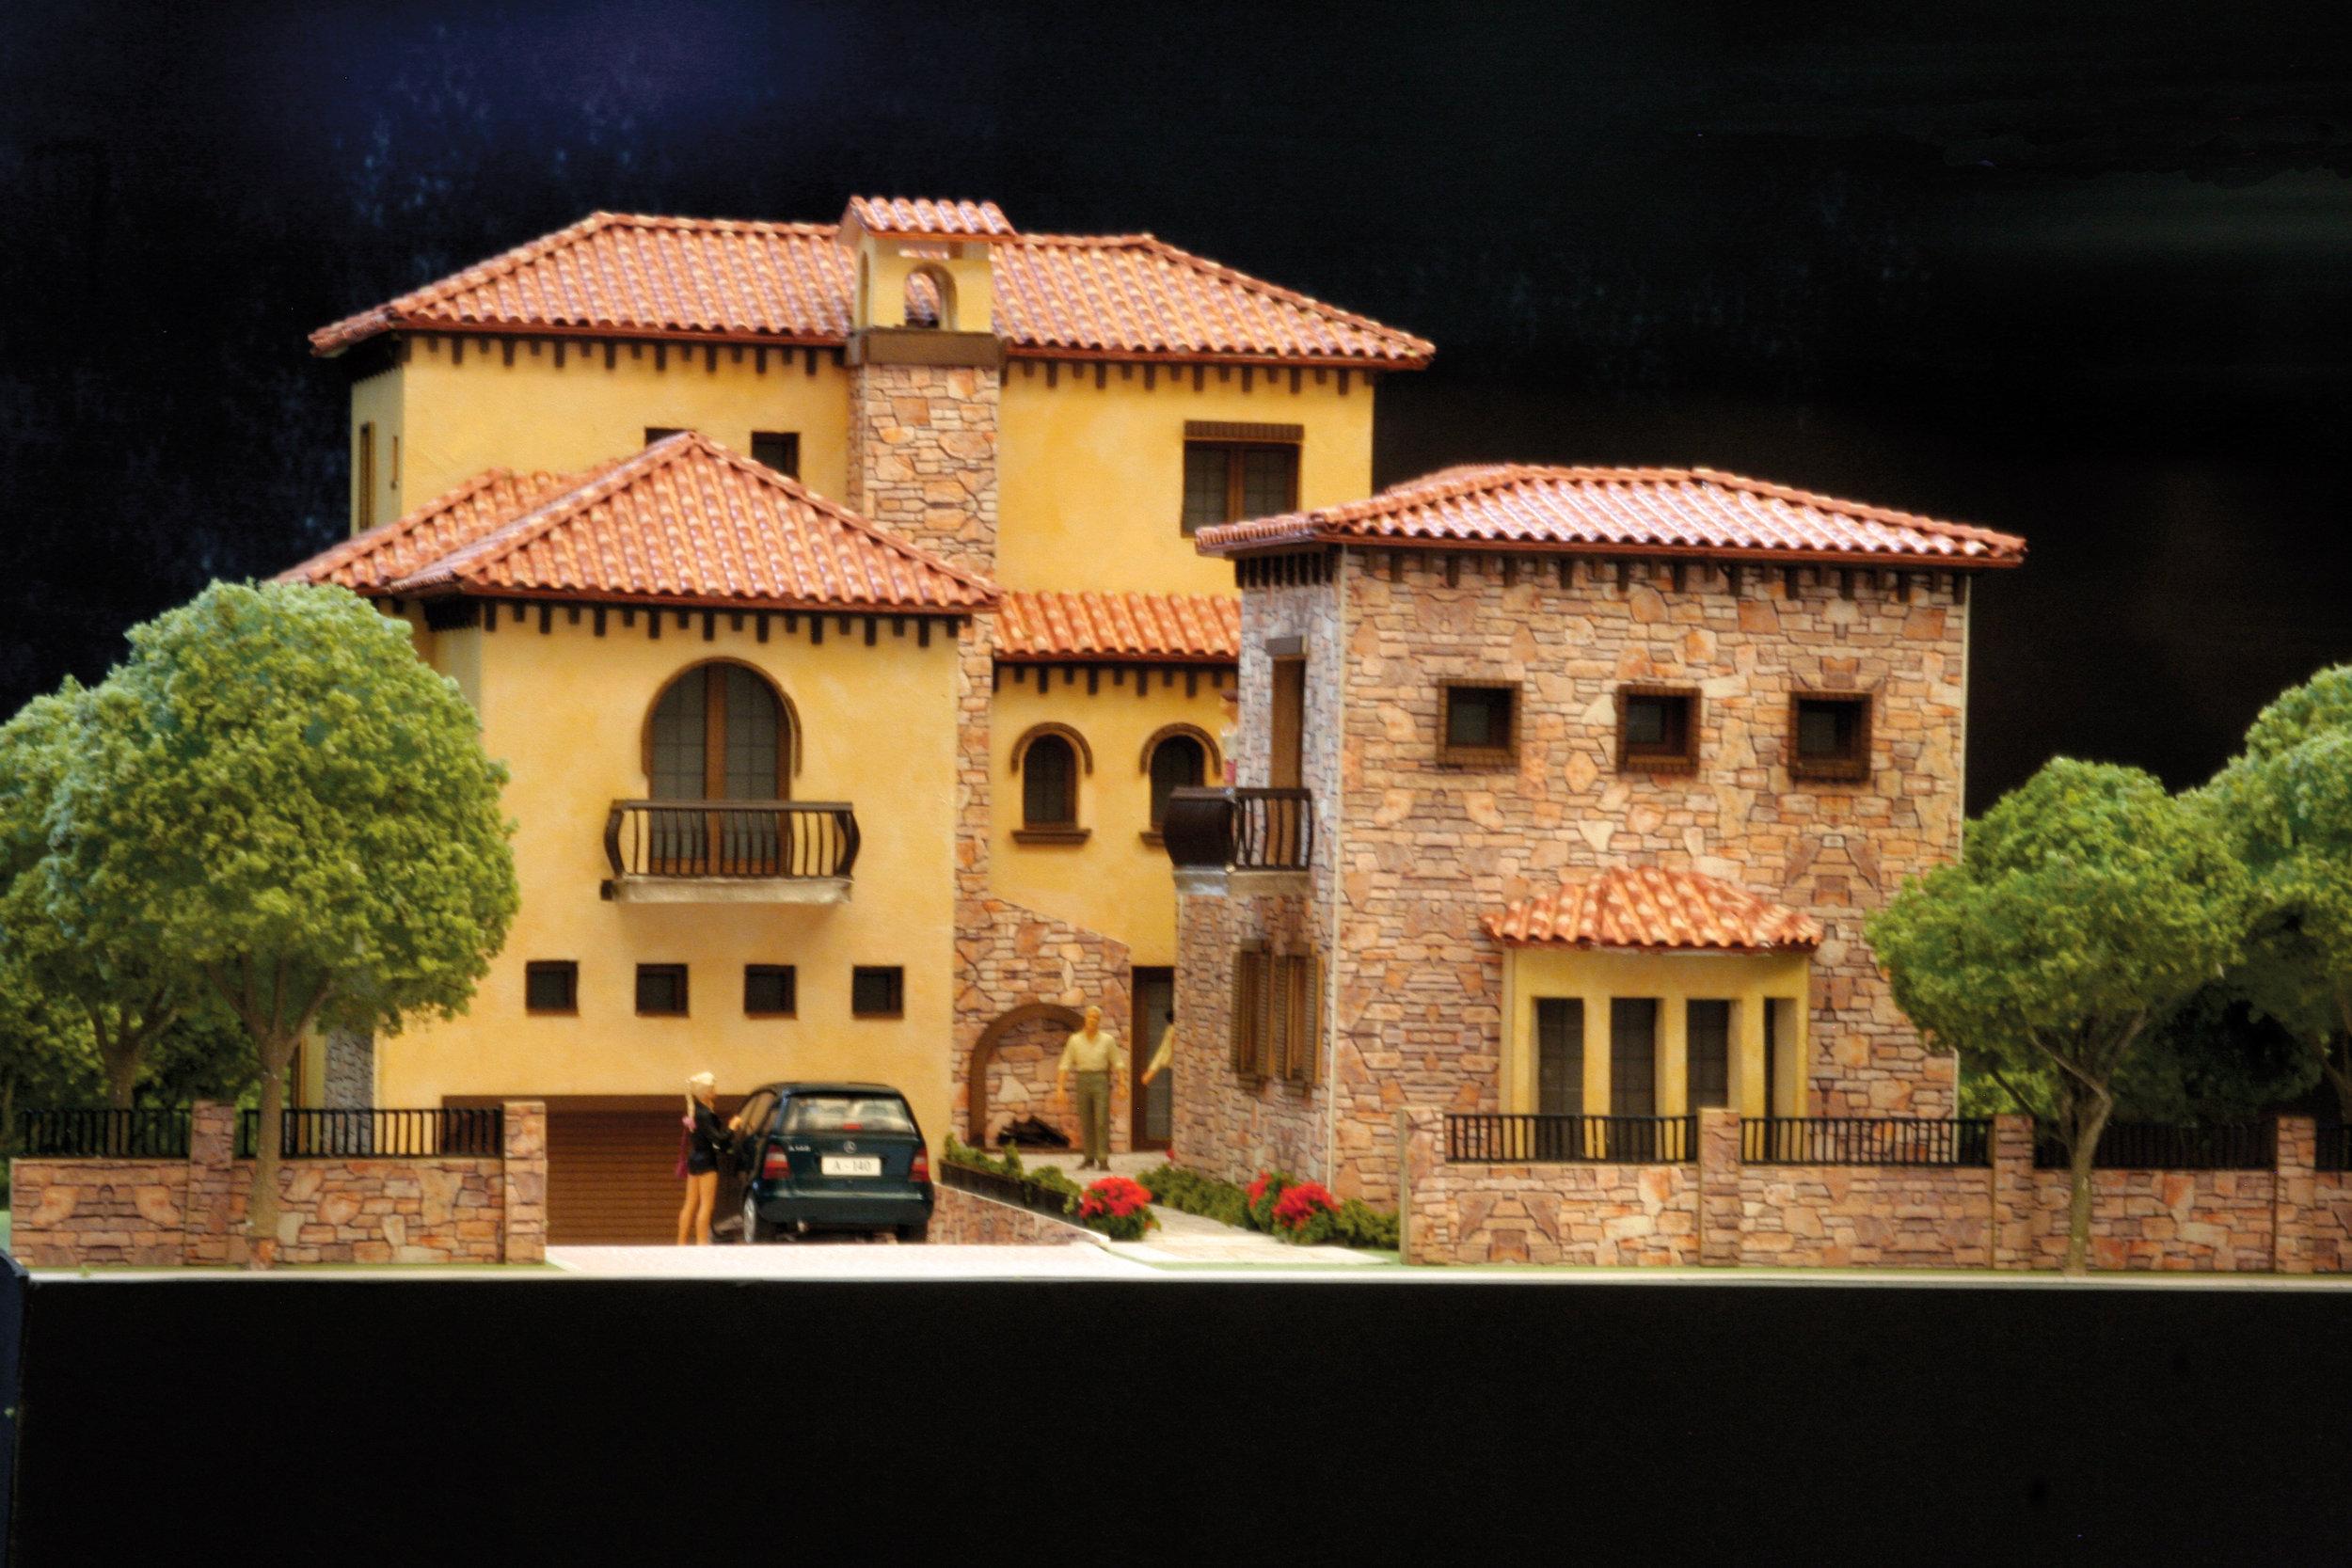 BUENA-residential-dh500-5920.jpg